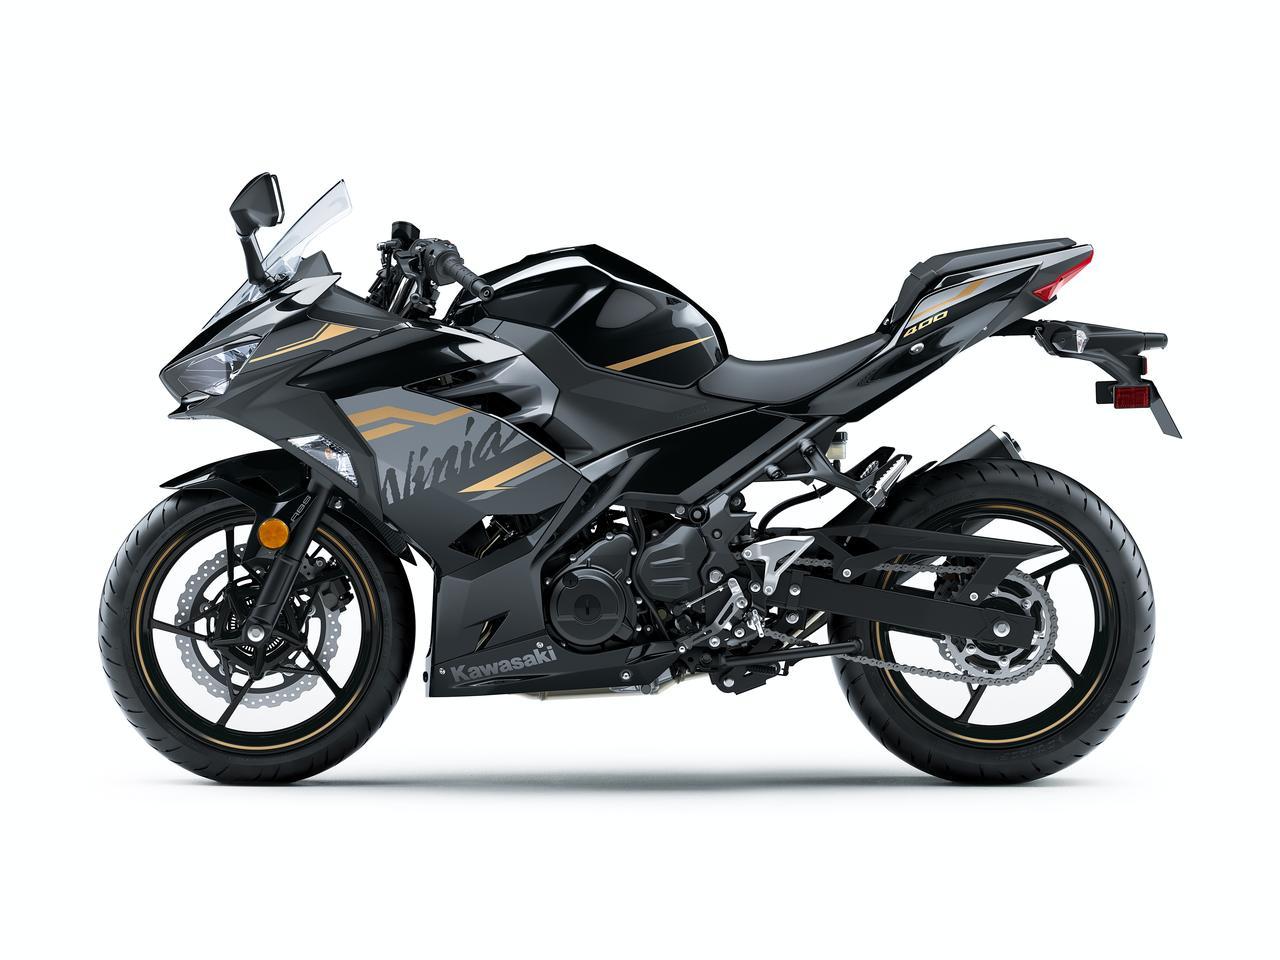 画像2: 【カワサキ】Ninja 400の2020年モデルは9月1日(日)発売開始! カラーバリエーション・アンケート実施中